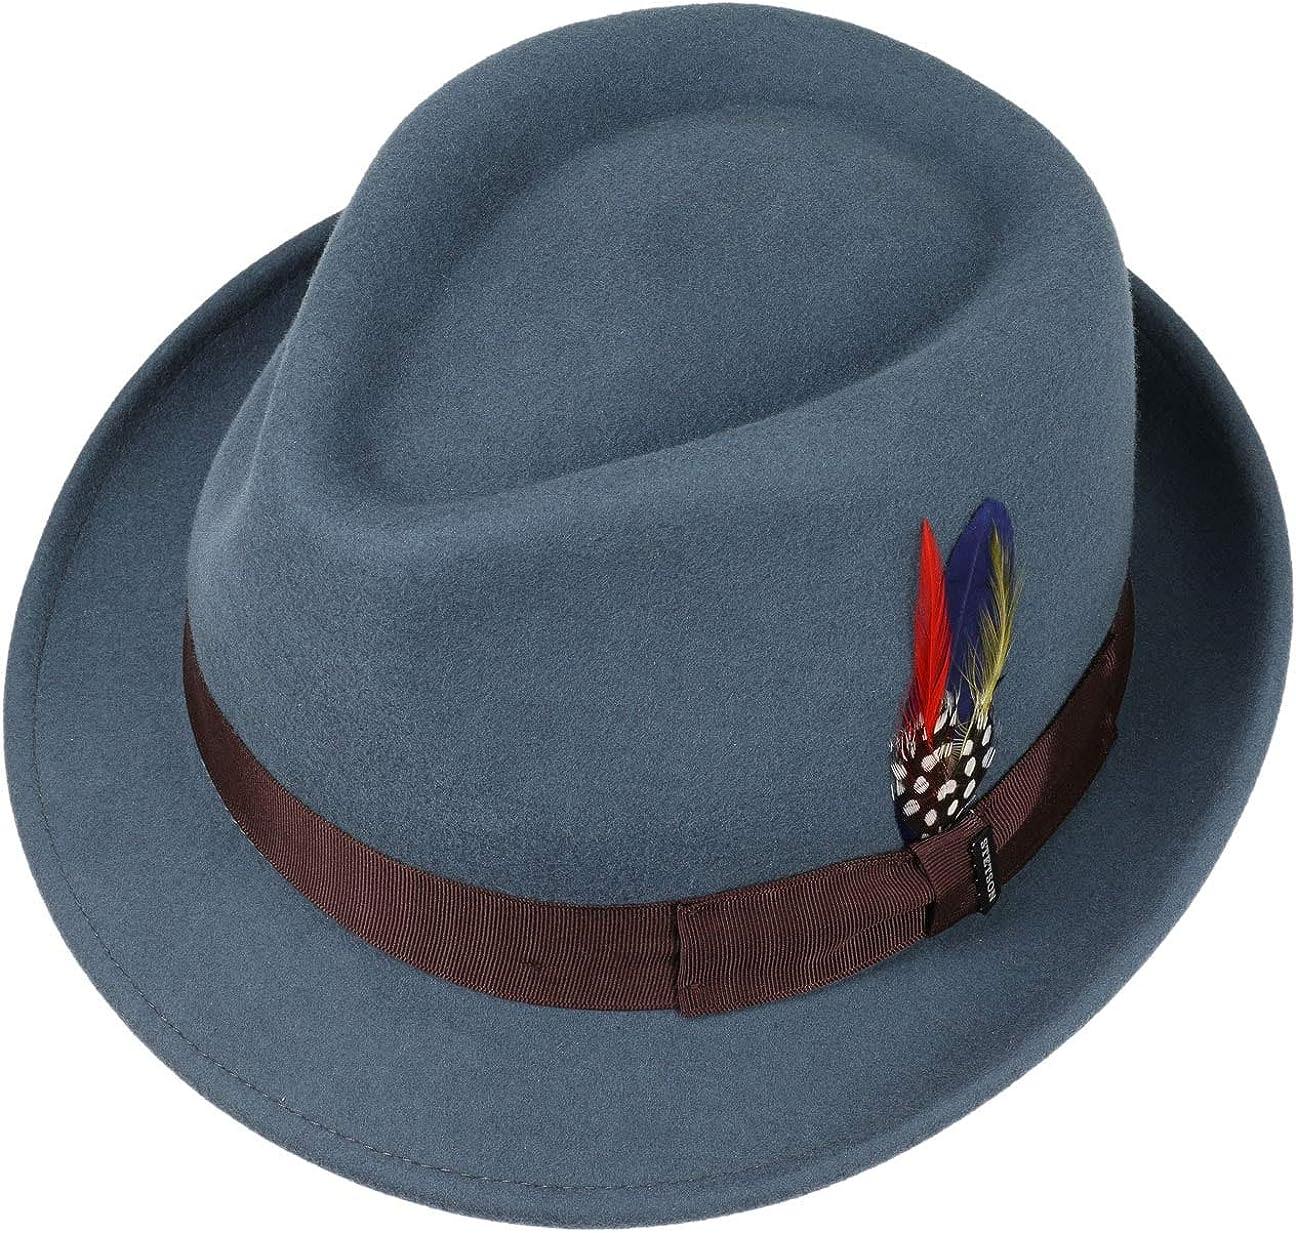 Stetson Richmond Trilby Mujer//Hombre de Hombre Sombrero Mujer con Banda grosgain Verano//Invierno